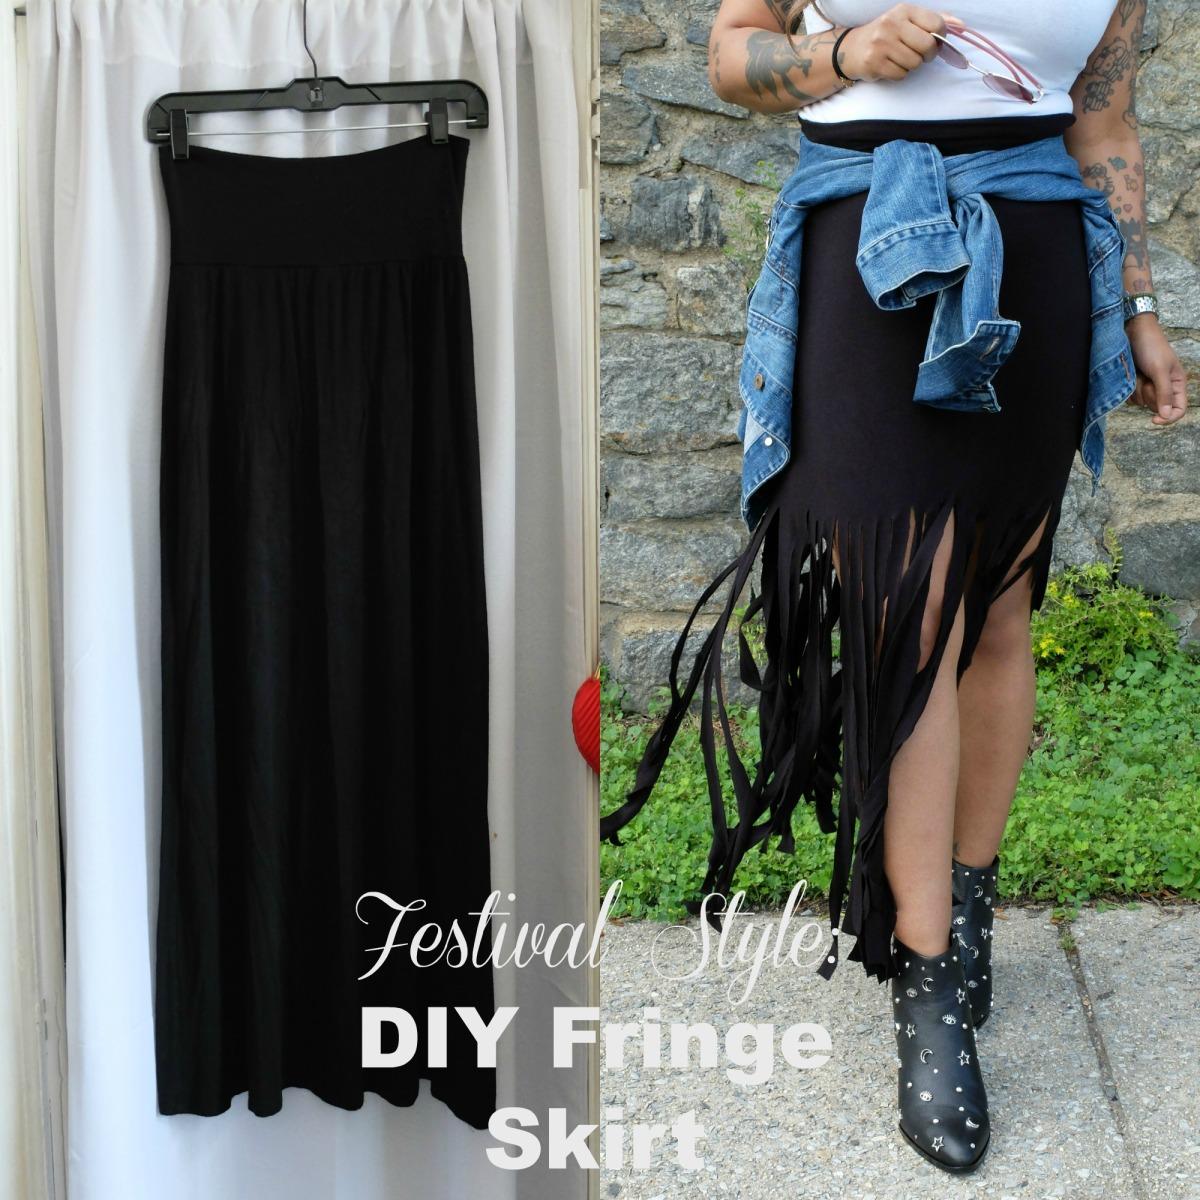 Festival Style: DIY Fringe Skirt w/ @thefabjunkie